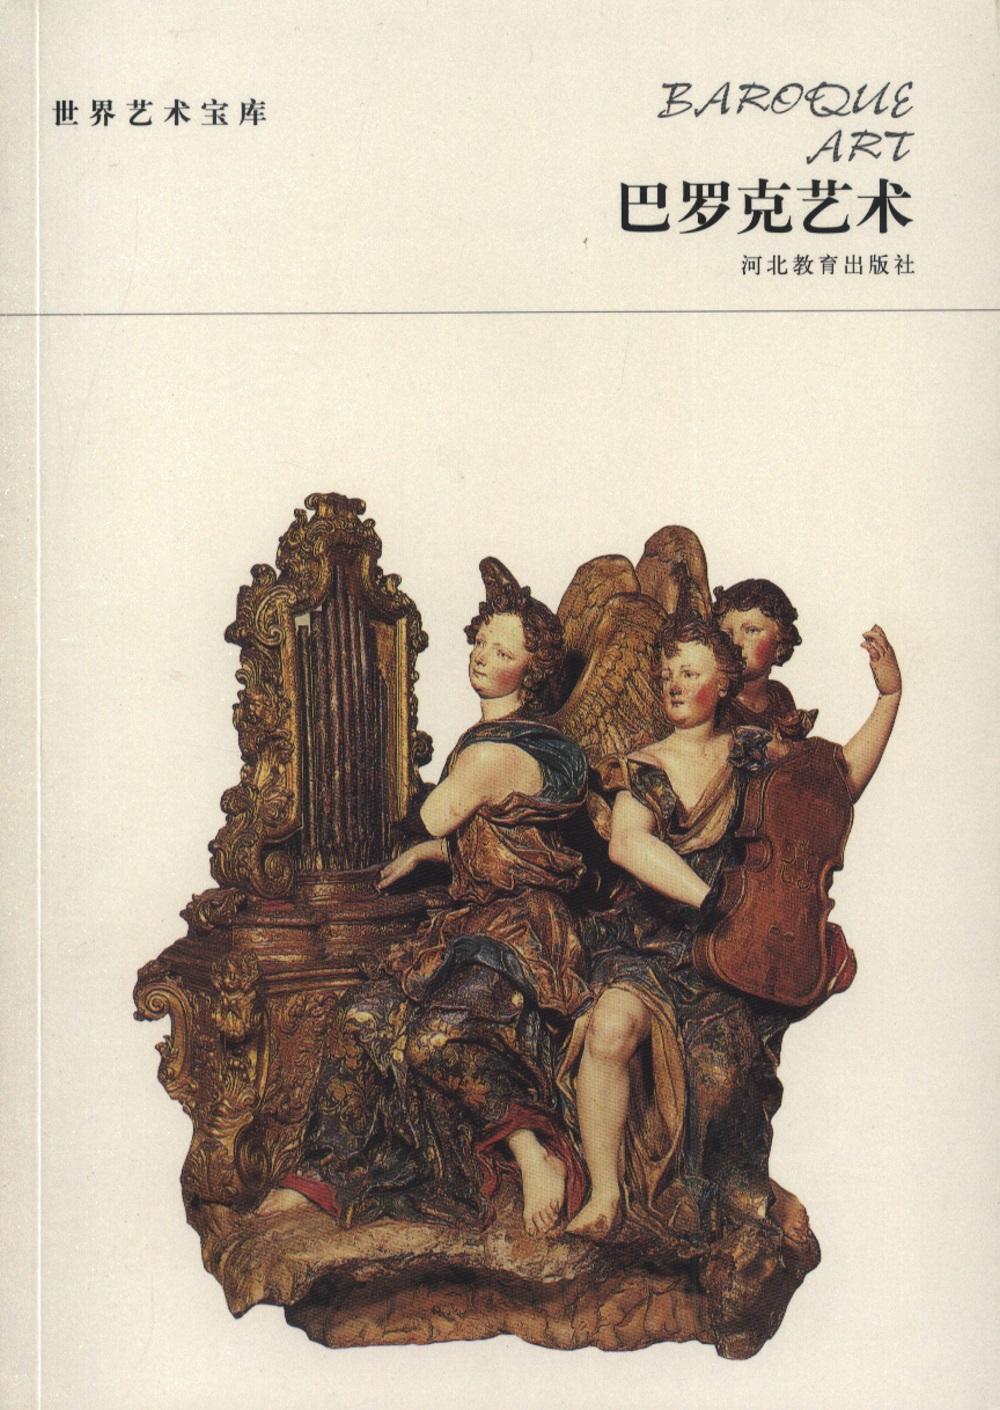 世界藝術寶庫:巴羅克藝術